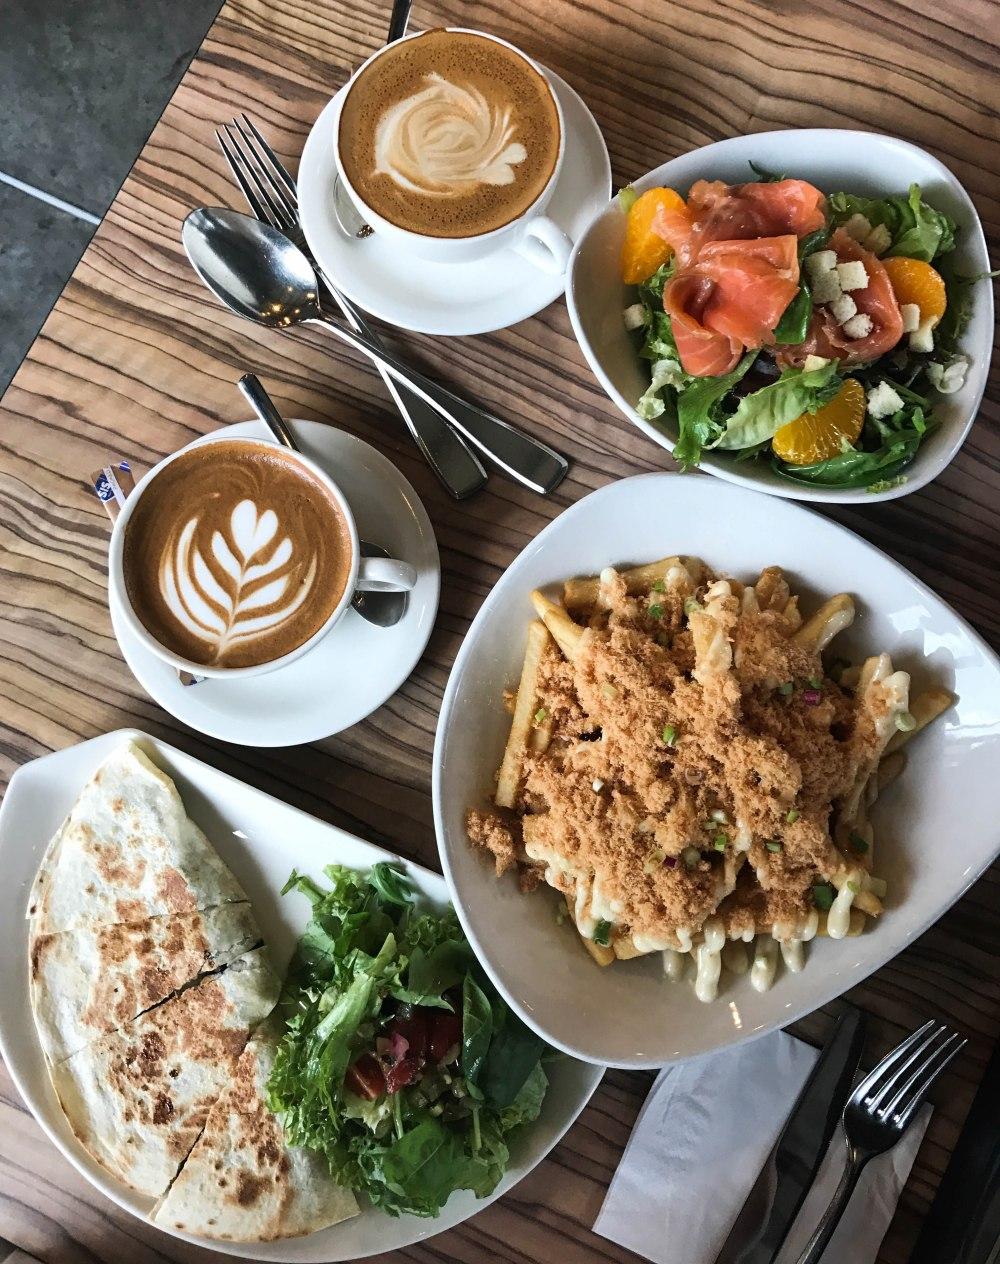 The grub Singapore cafe